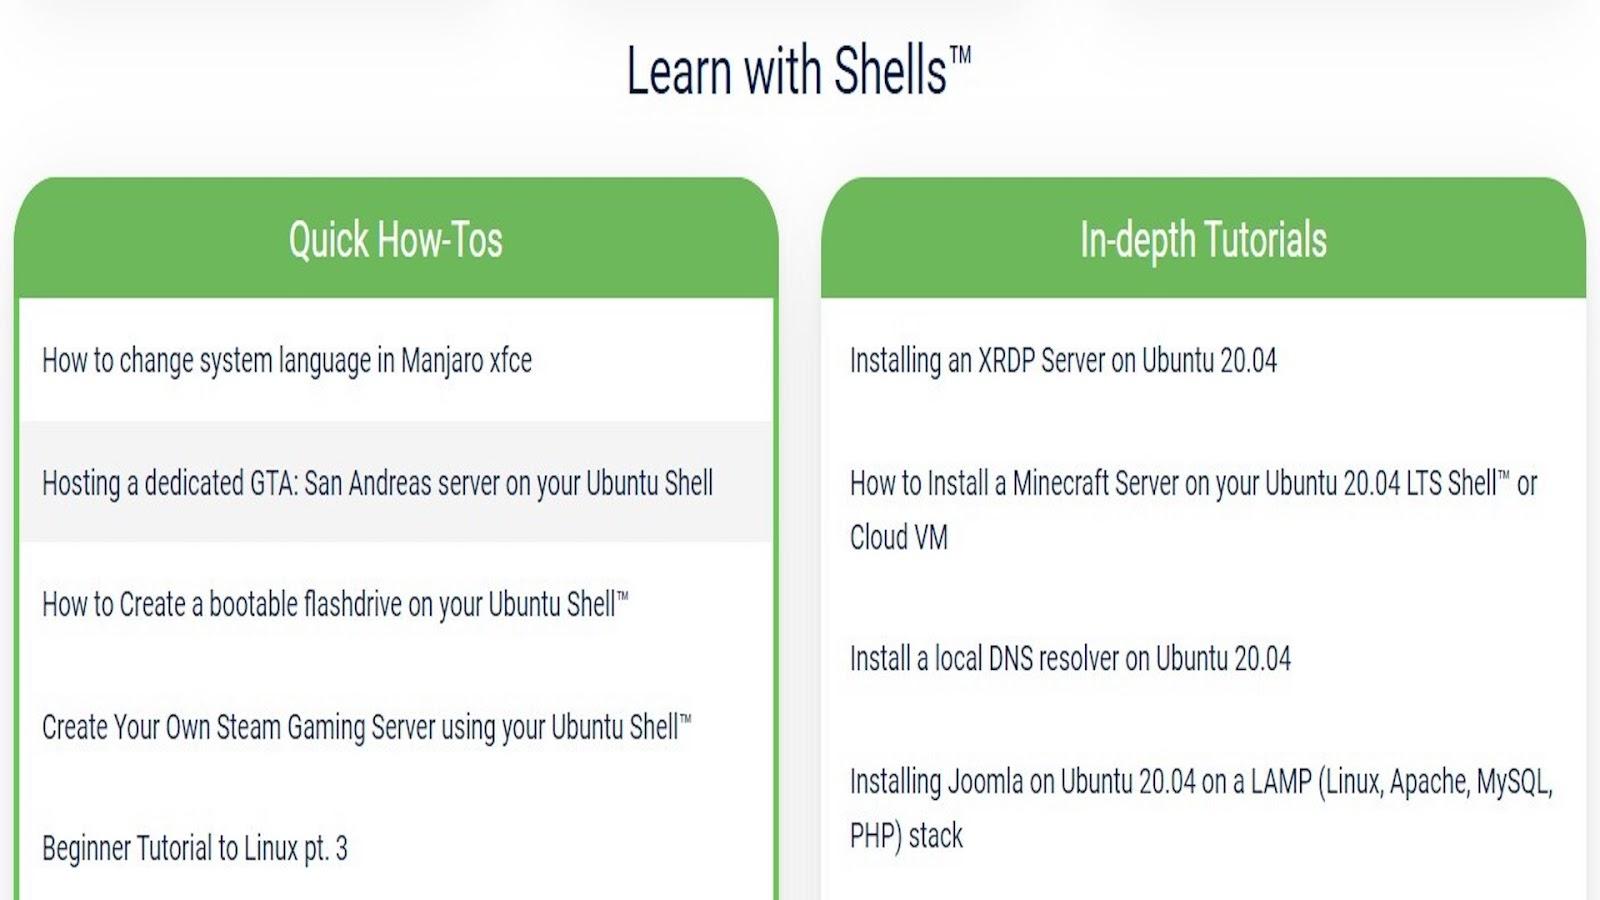 Shells.com DAAS Review